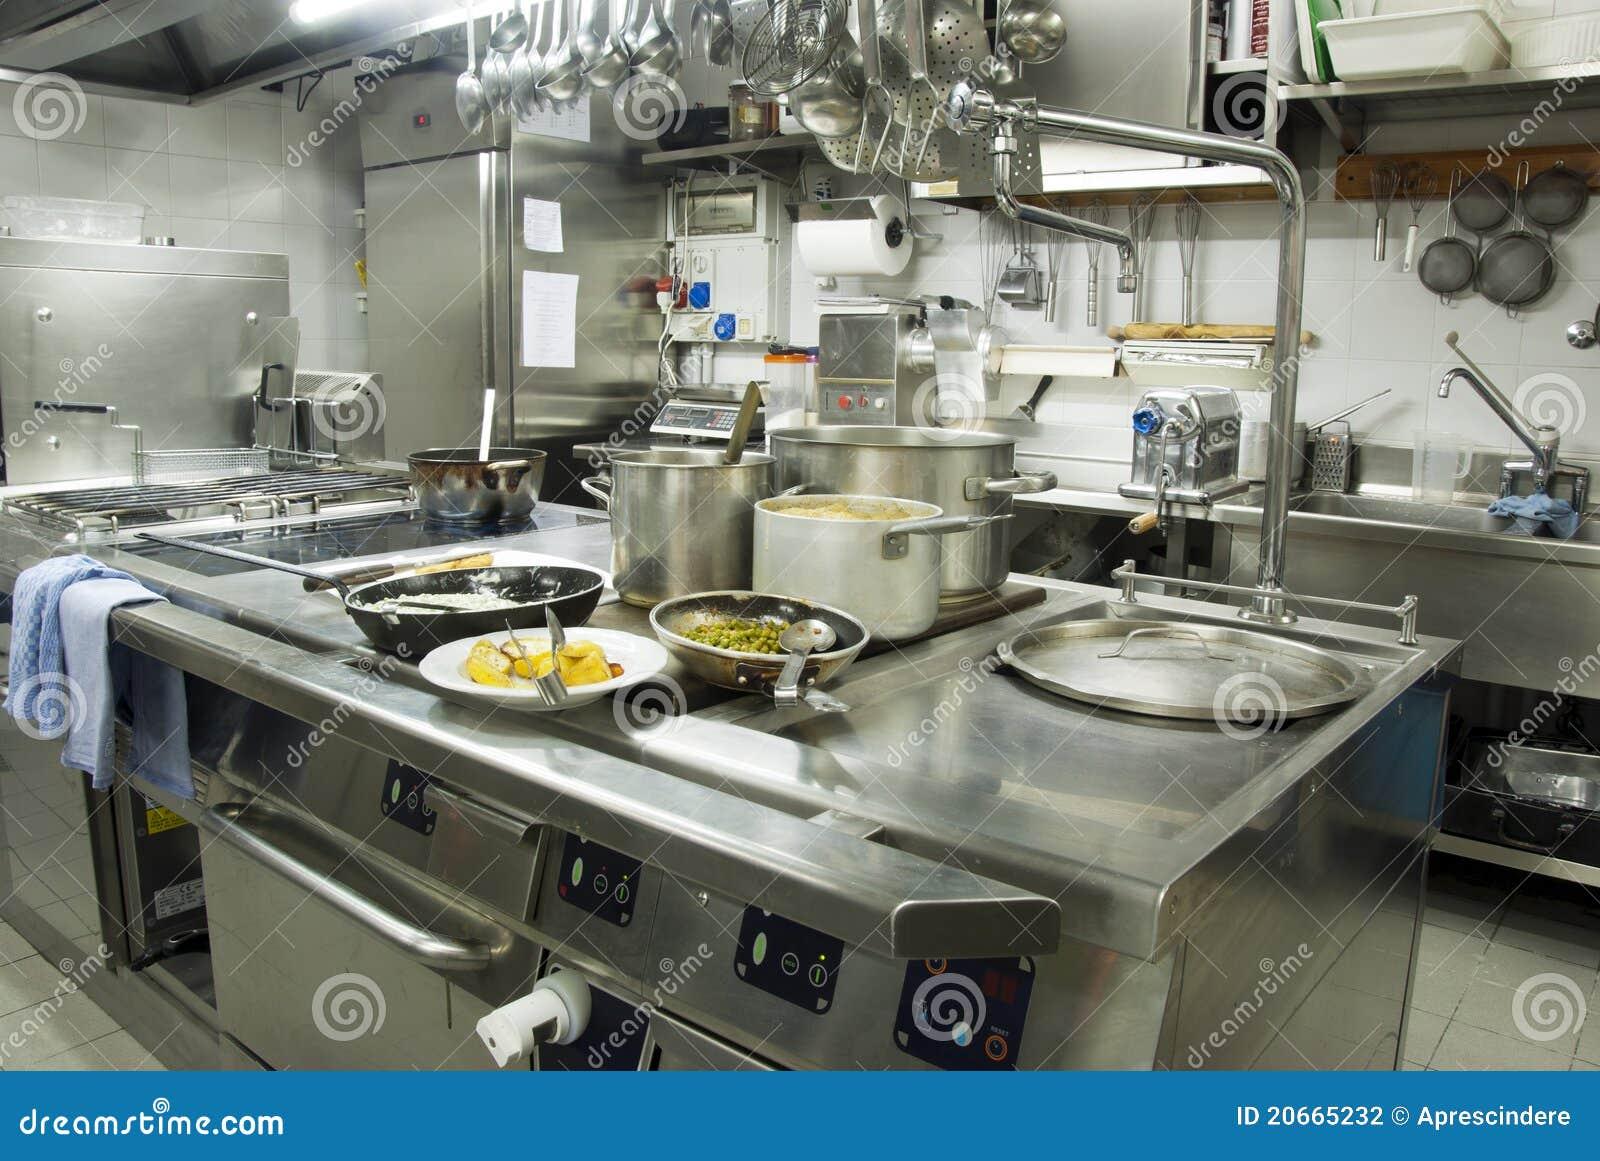 εστιατόριο κουζινών